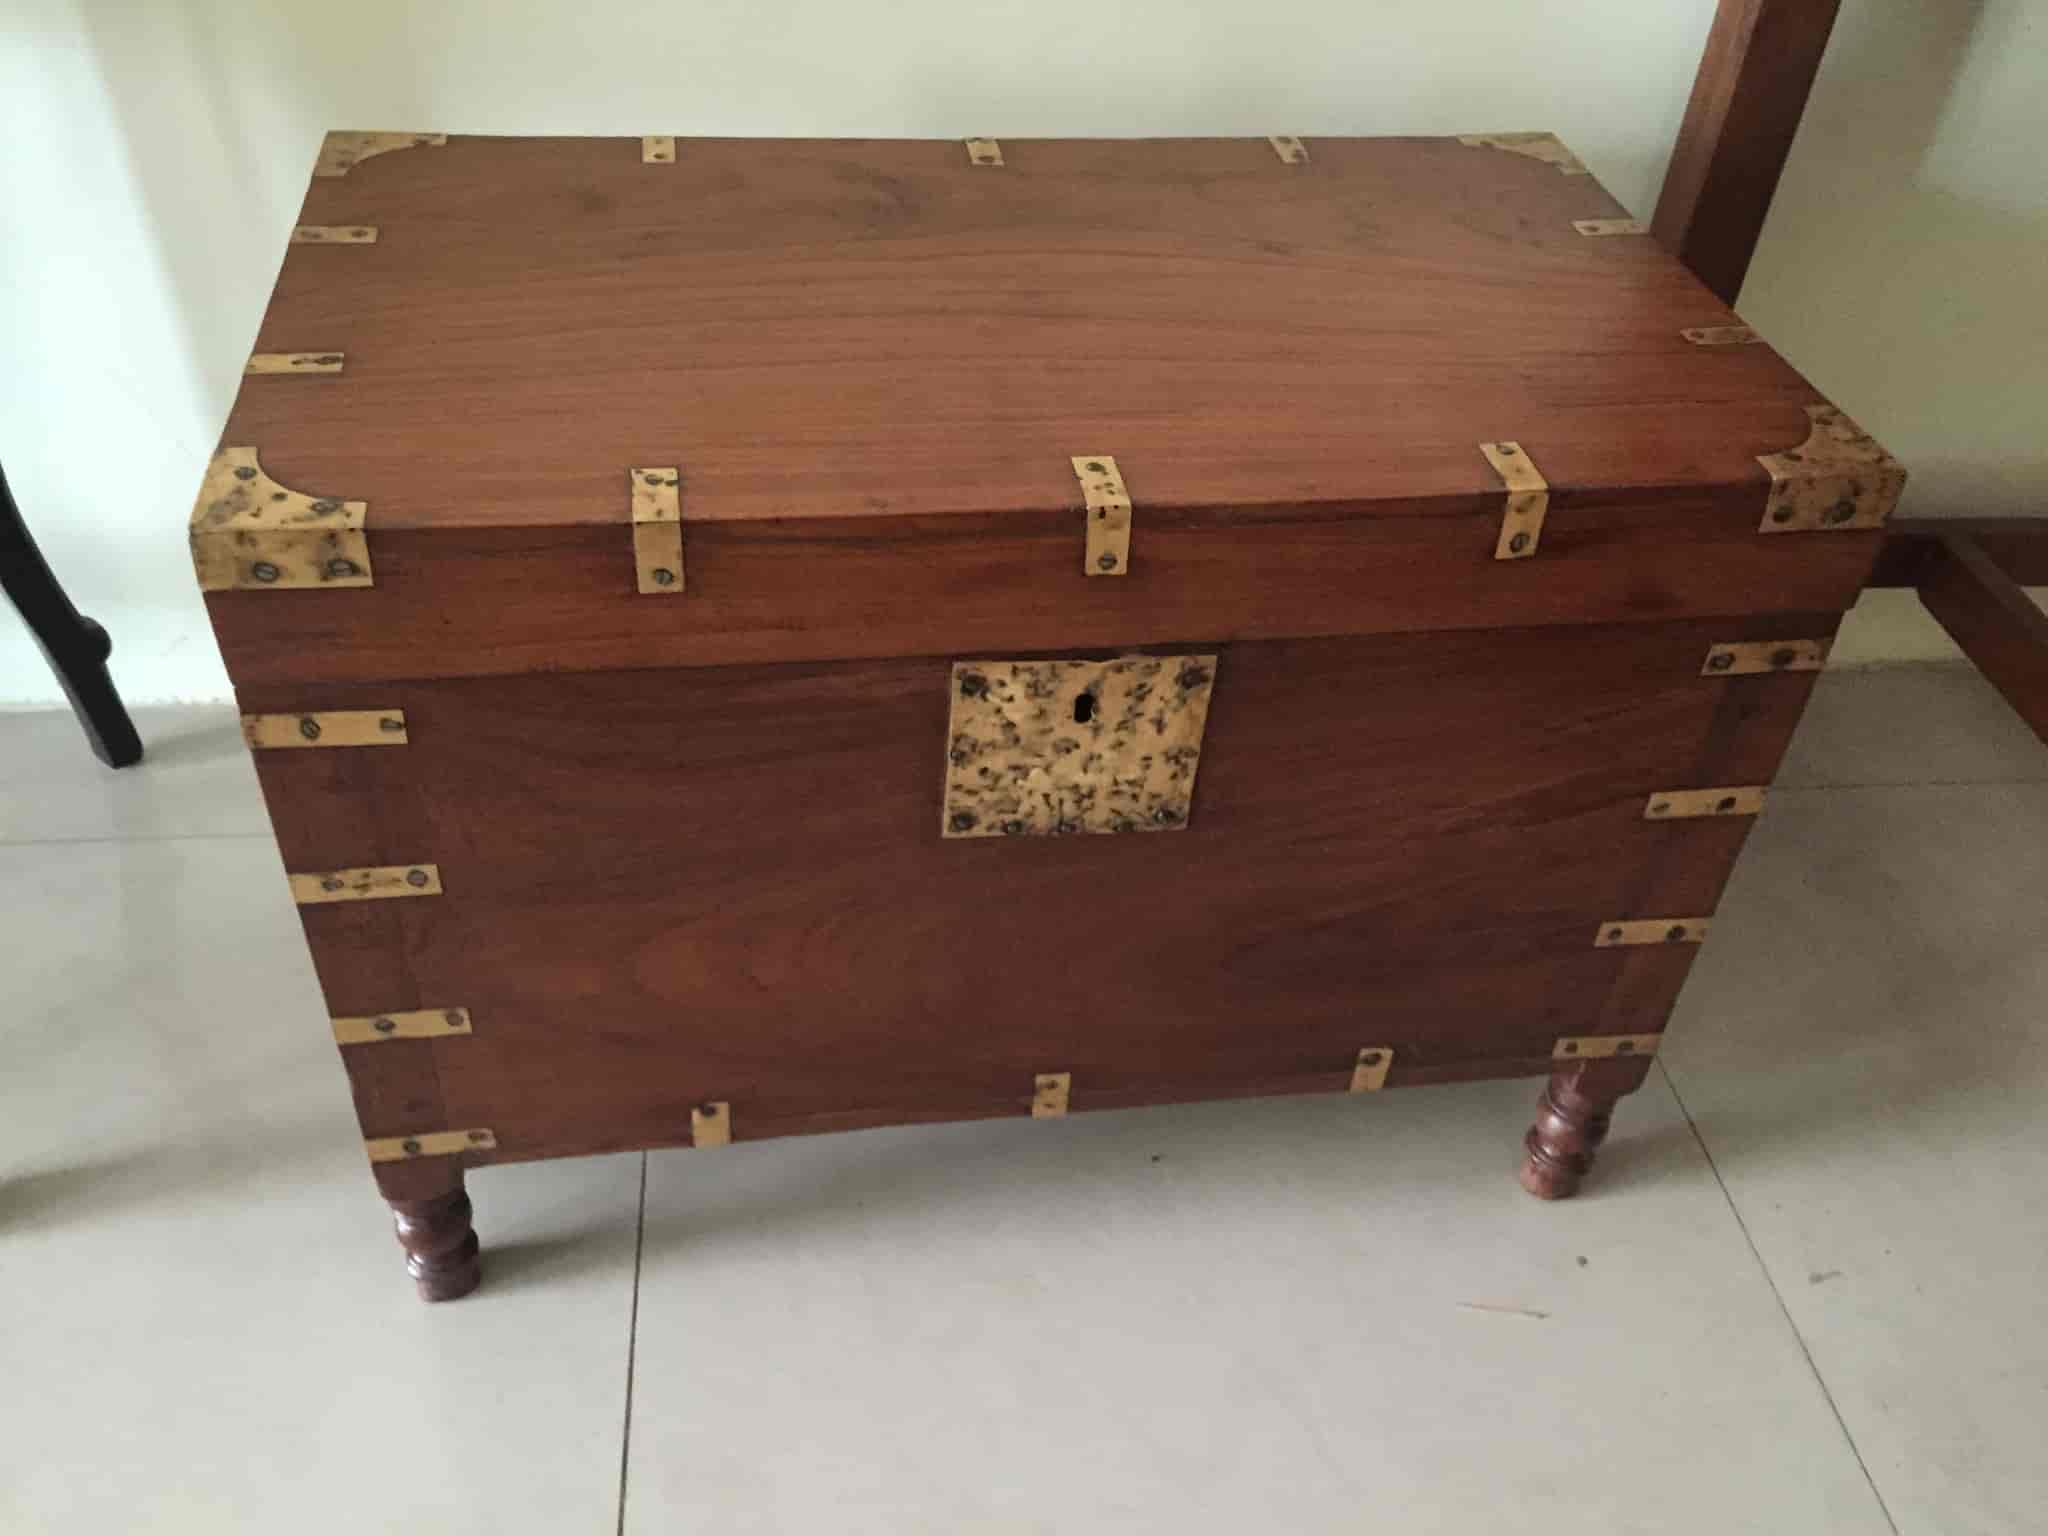 Wooden box antique furniture shop photos ramanathapuram coimbatore coimbatore antique furniture dealers